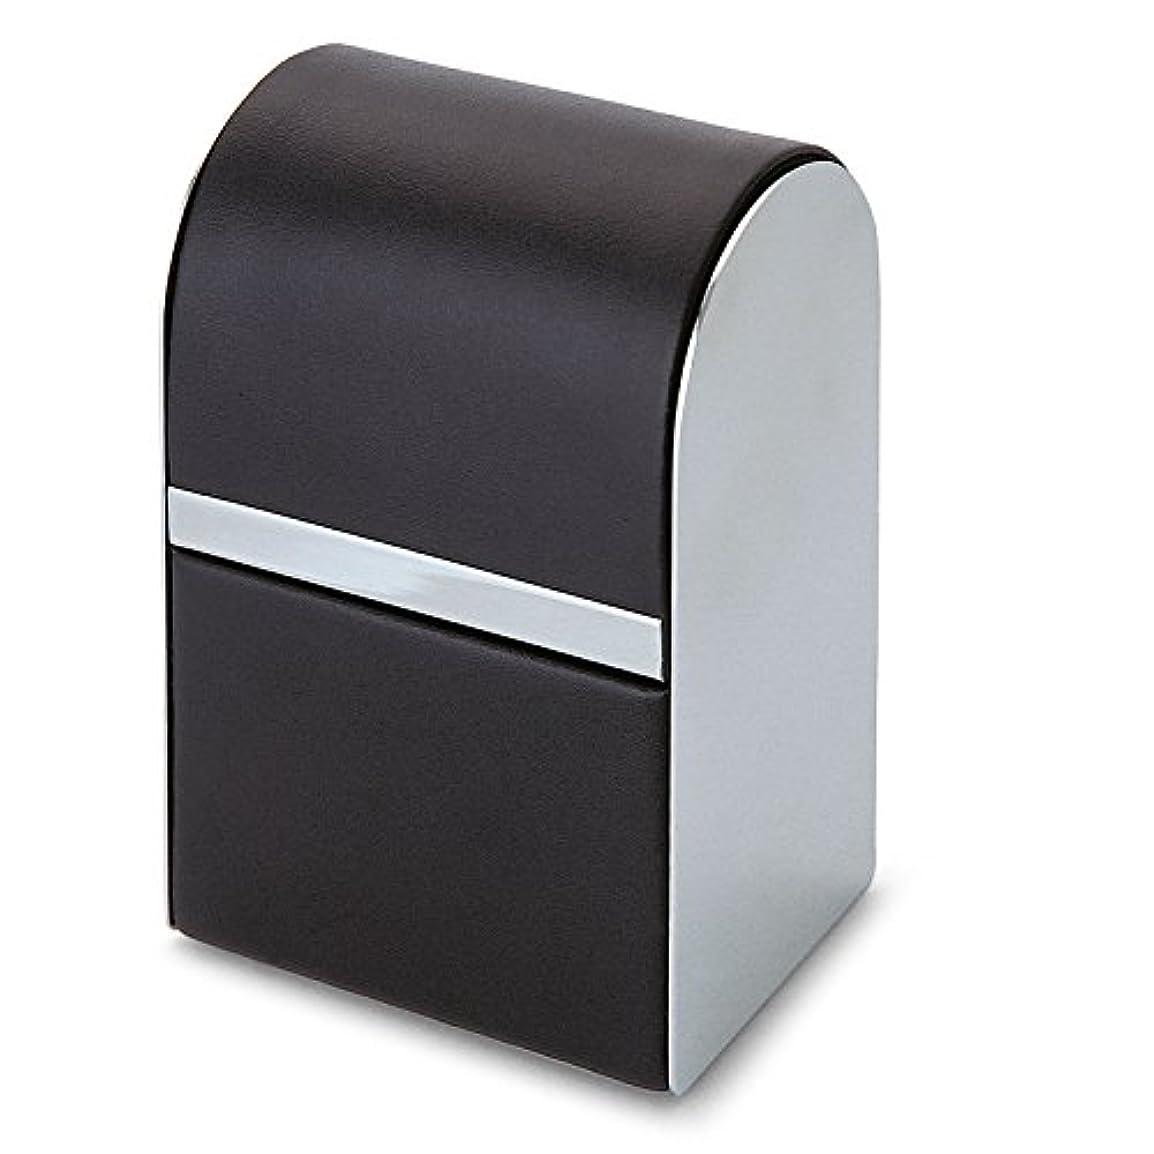 待つ折家族Philippi Giorgio メンズ身だしなみキット 7pcsセット leather stainless polished